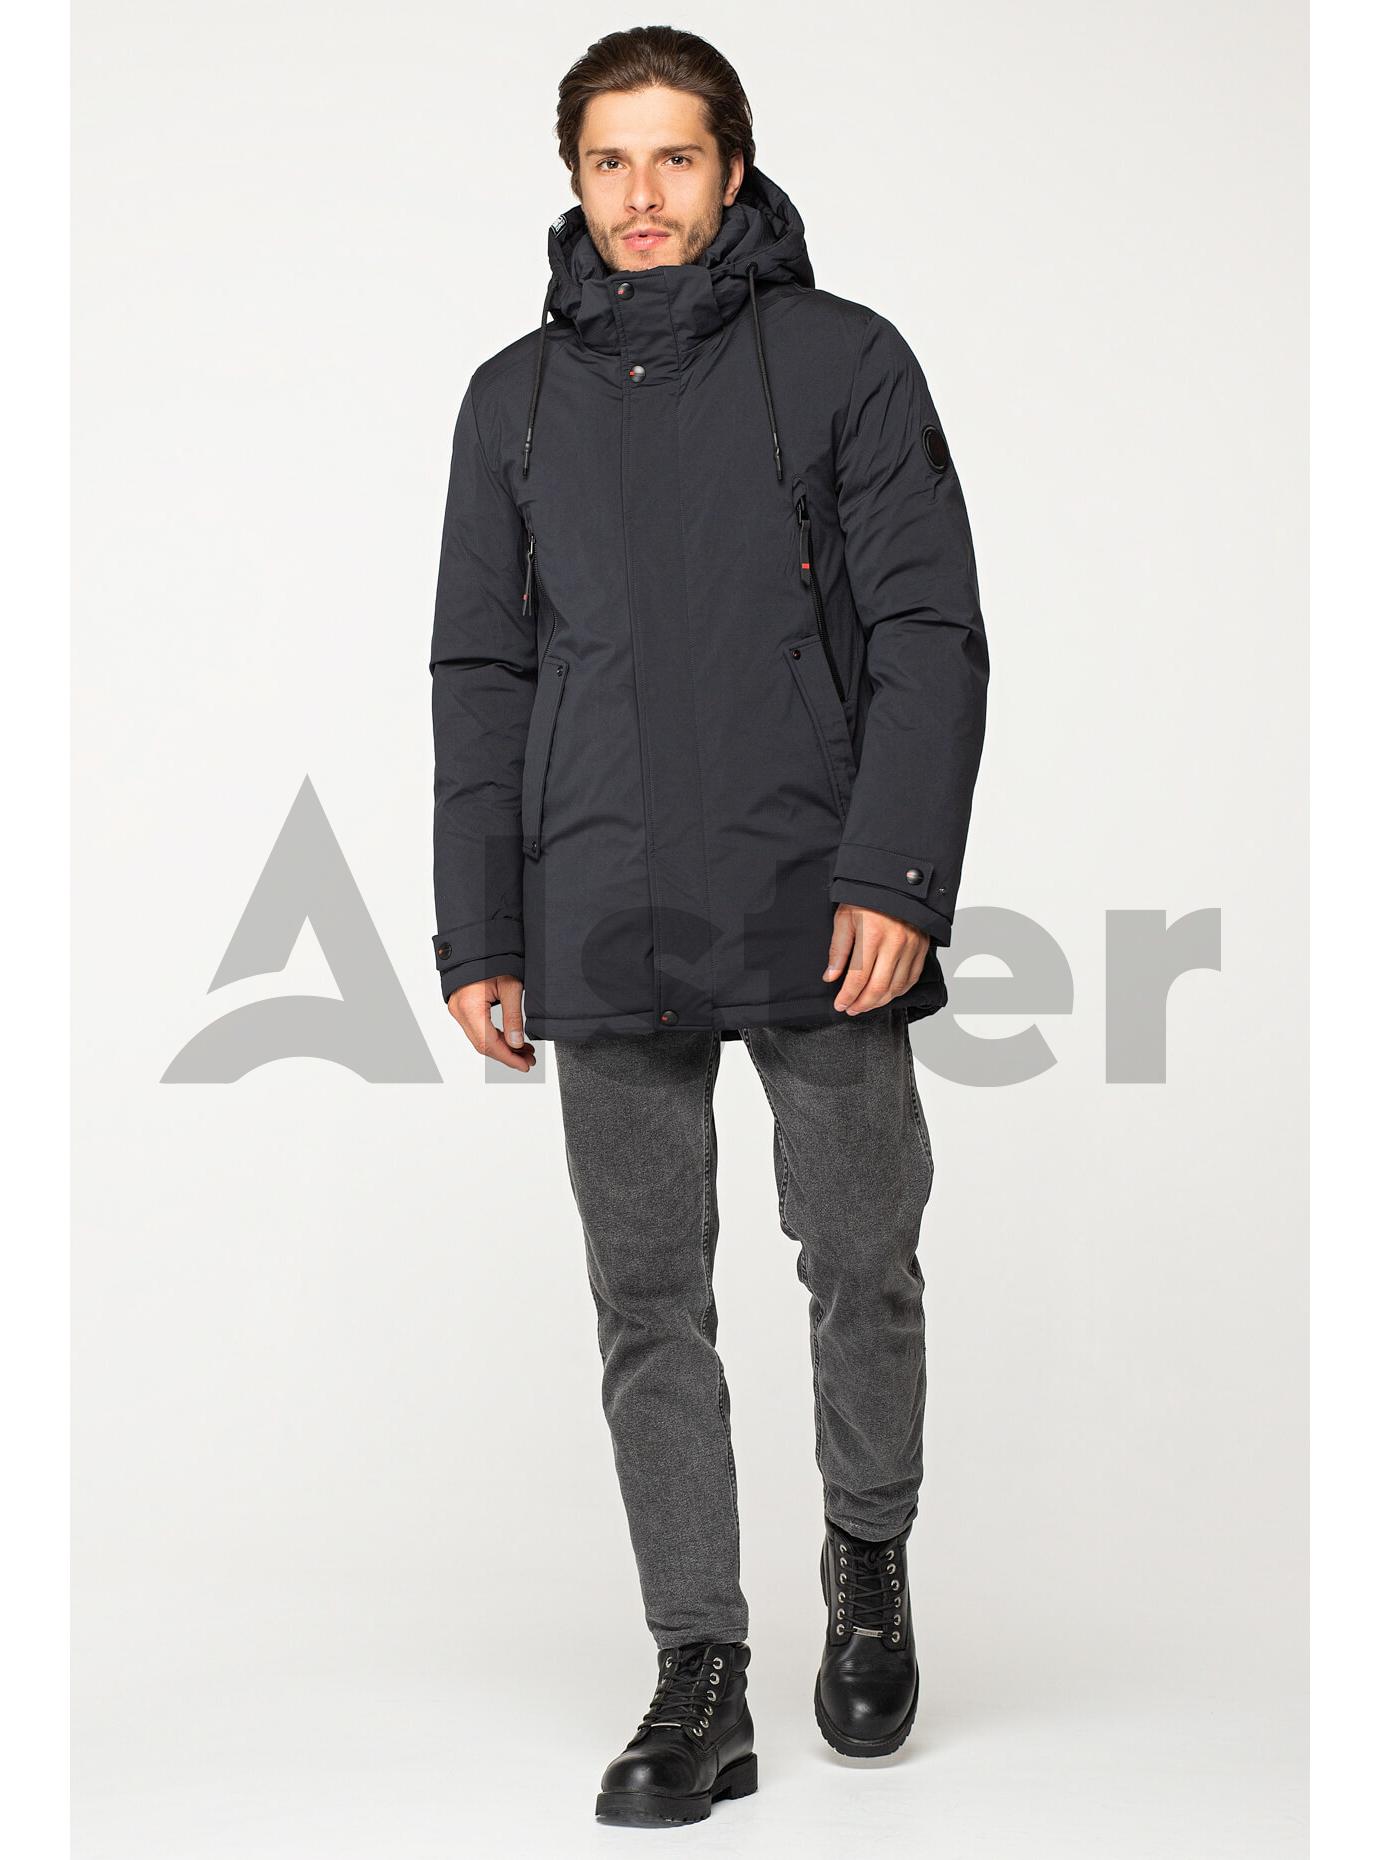 Мужская зимняя куртка с капюшоном Серый 48 (02-MM1926): фото - Alster.ua